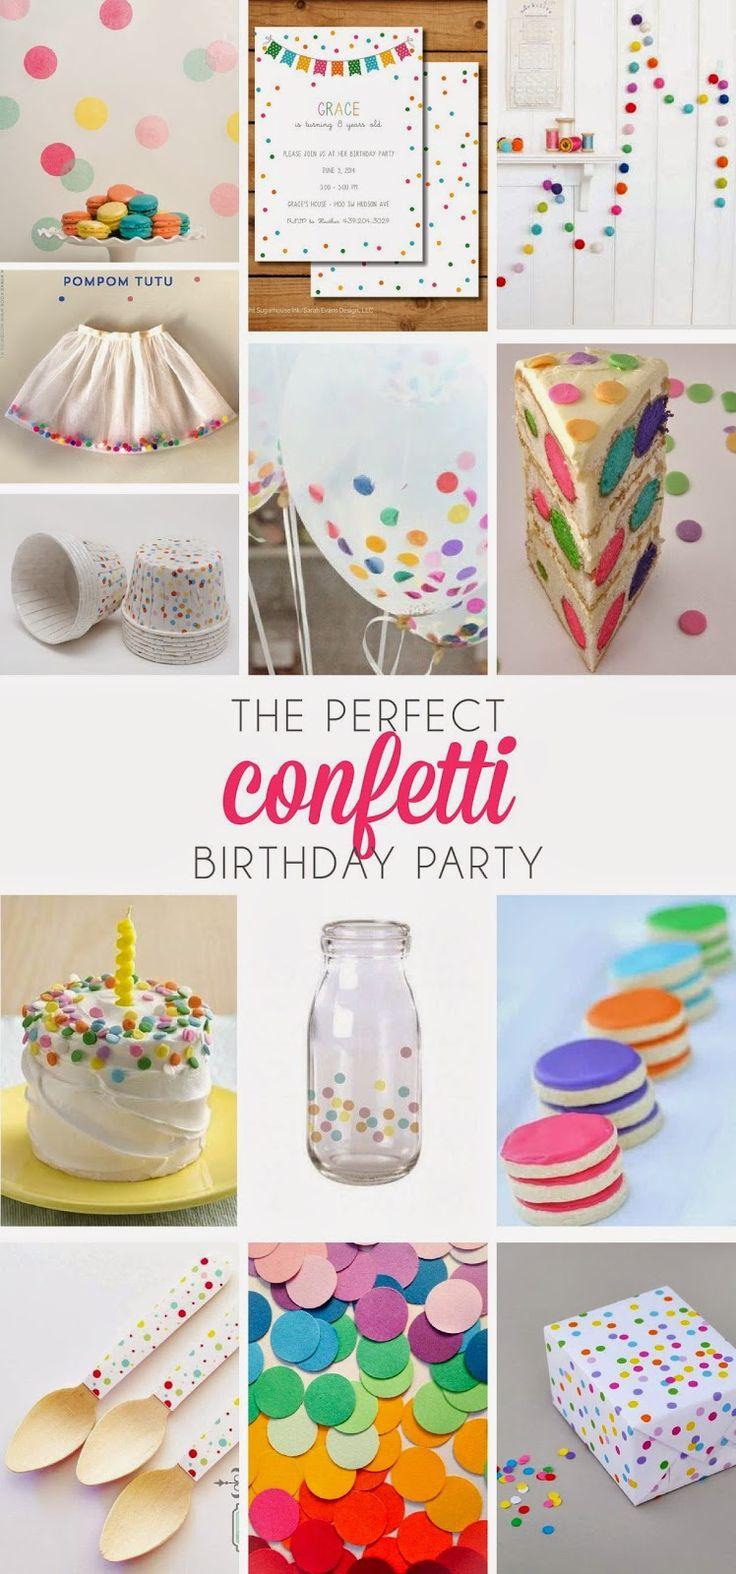 16 best Polka dots images on Pinterest | Birthdays, Birthday ...